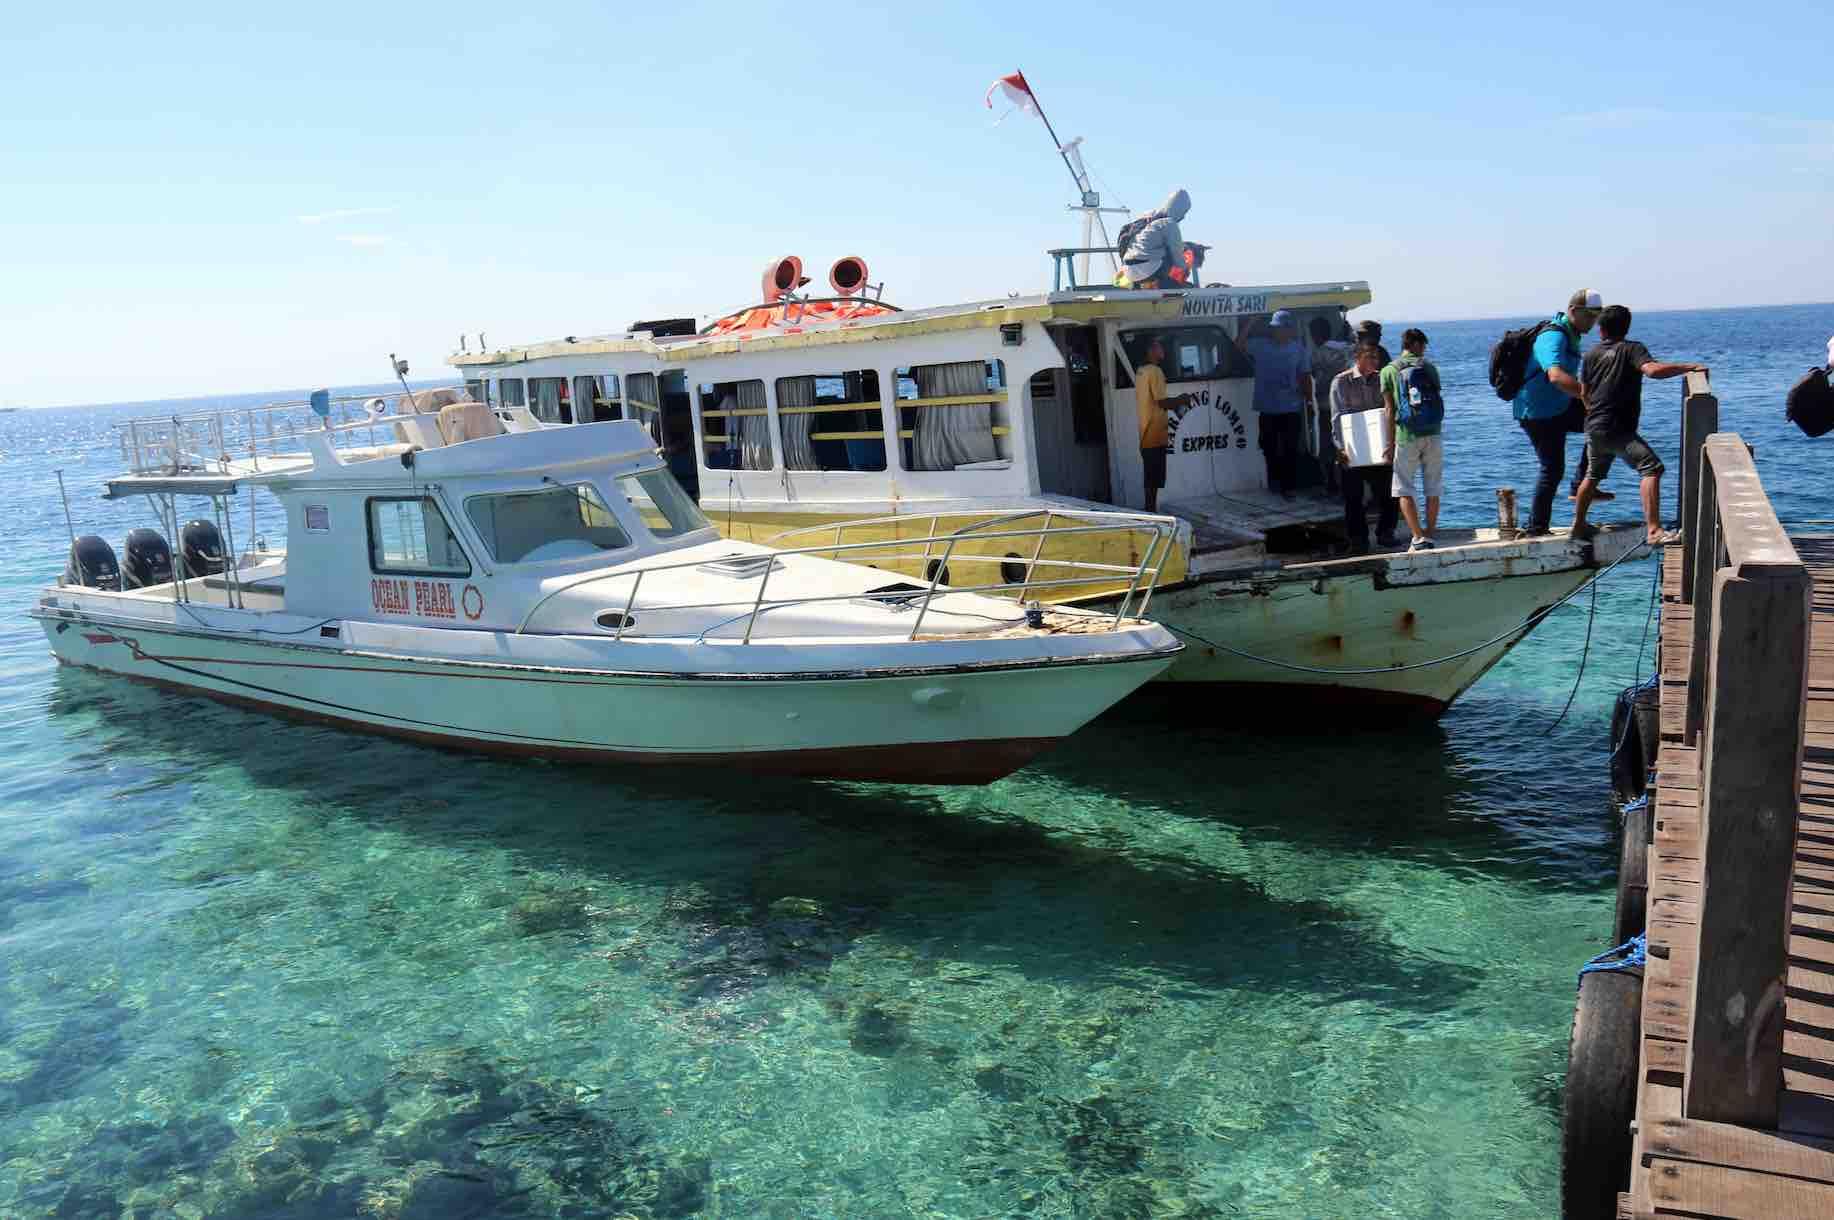 Boats To Kodingareng Keke Island - AspirantSG